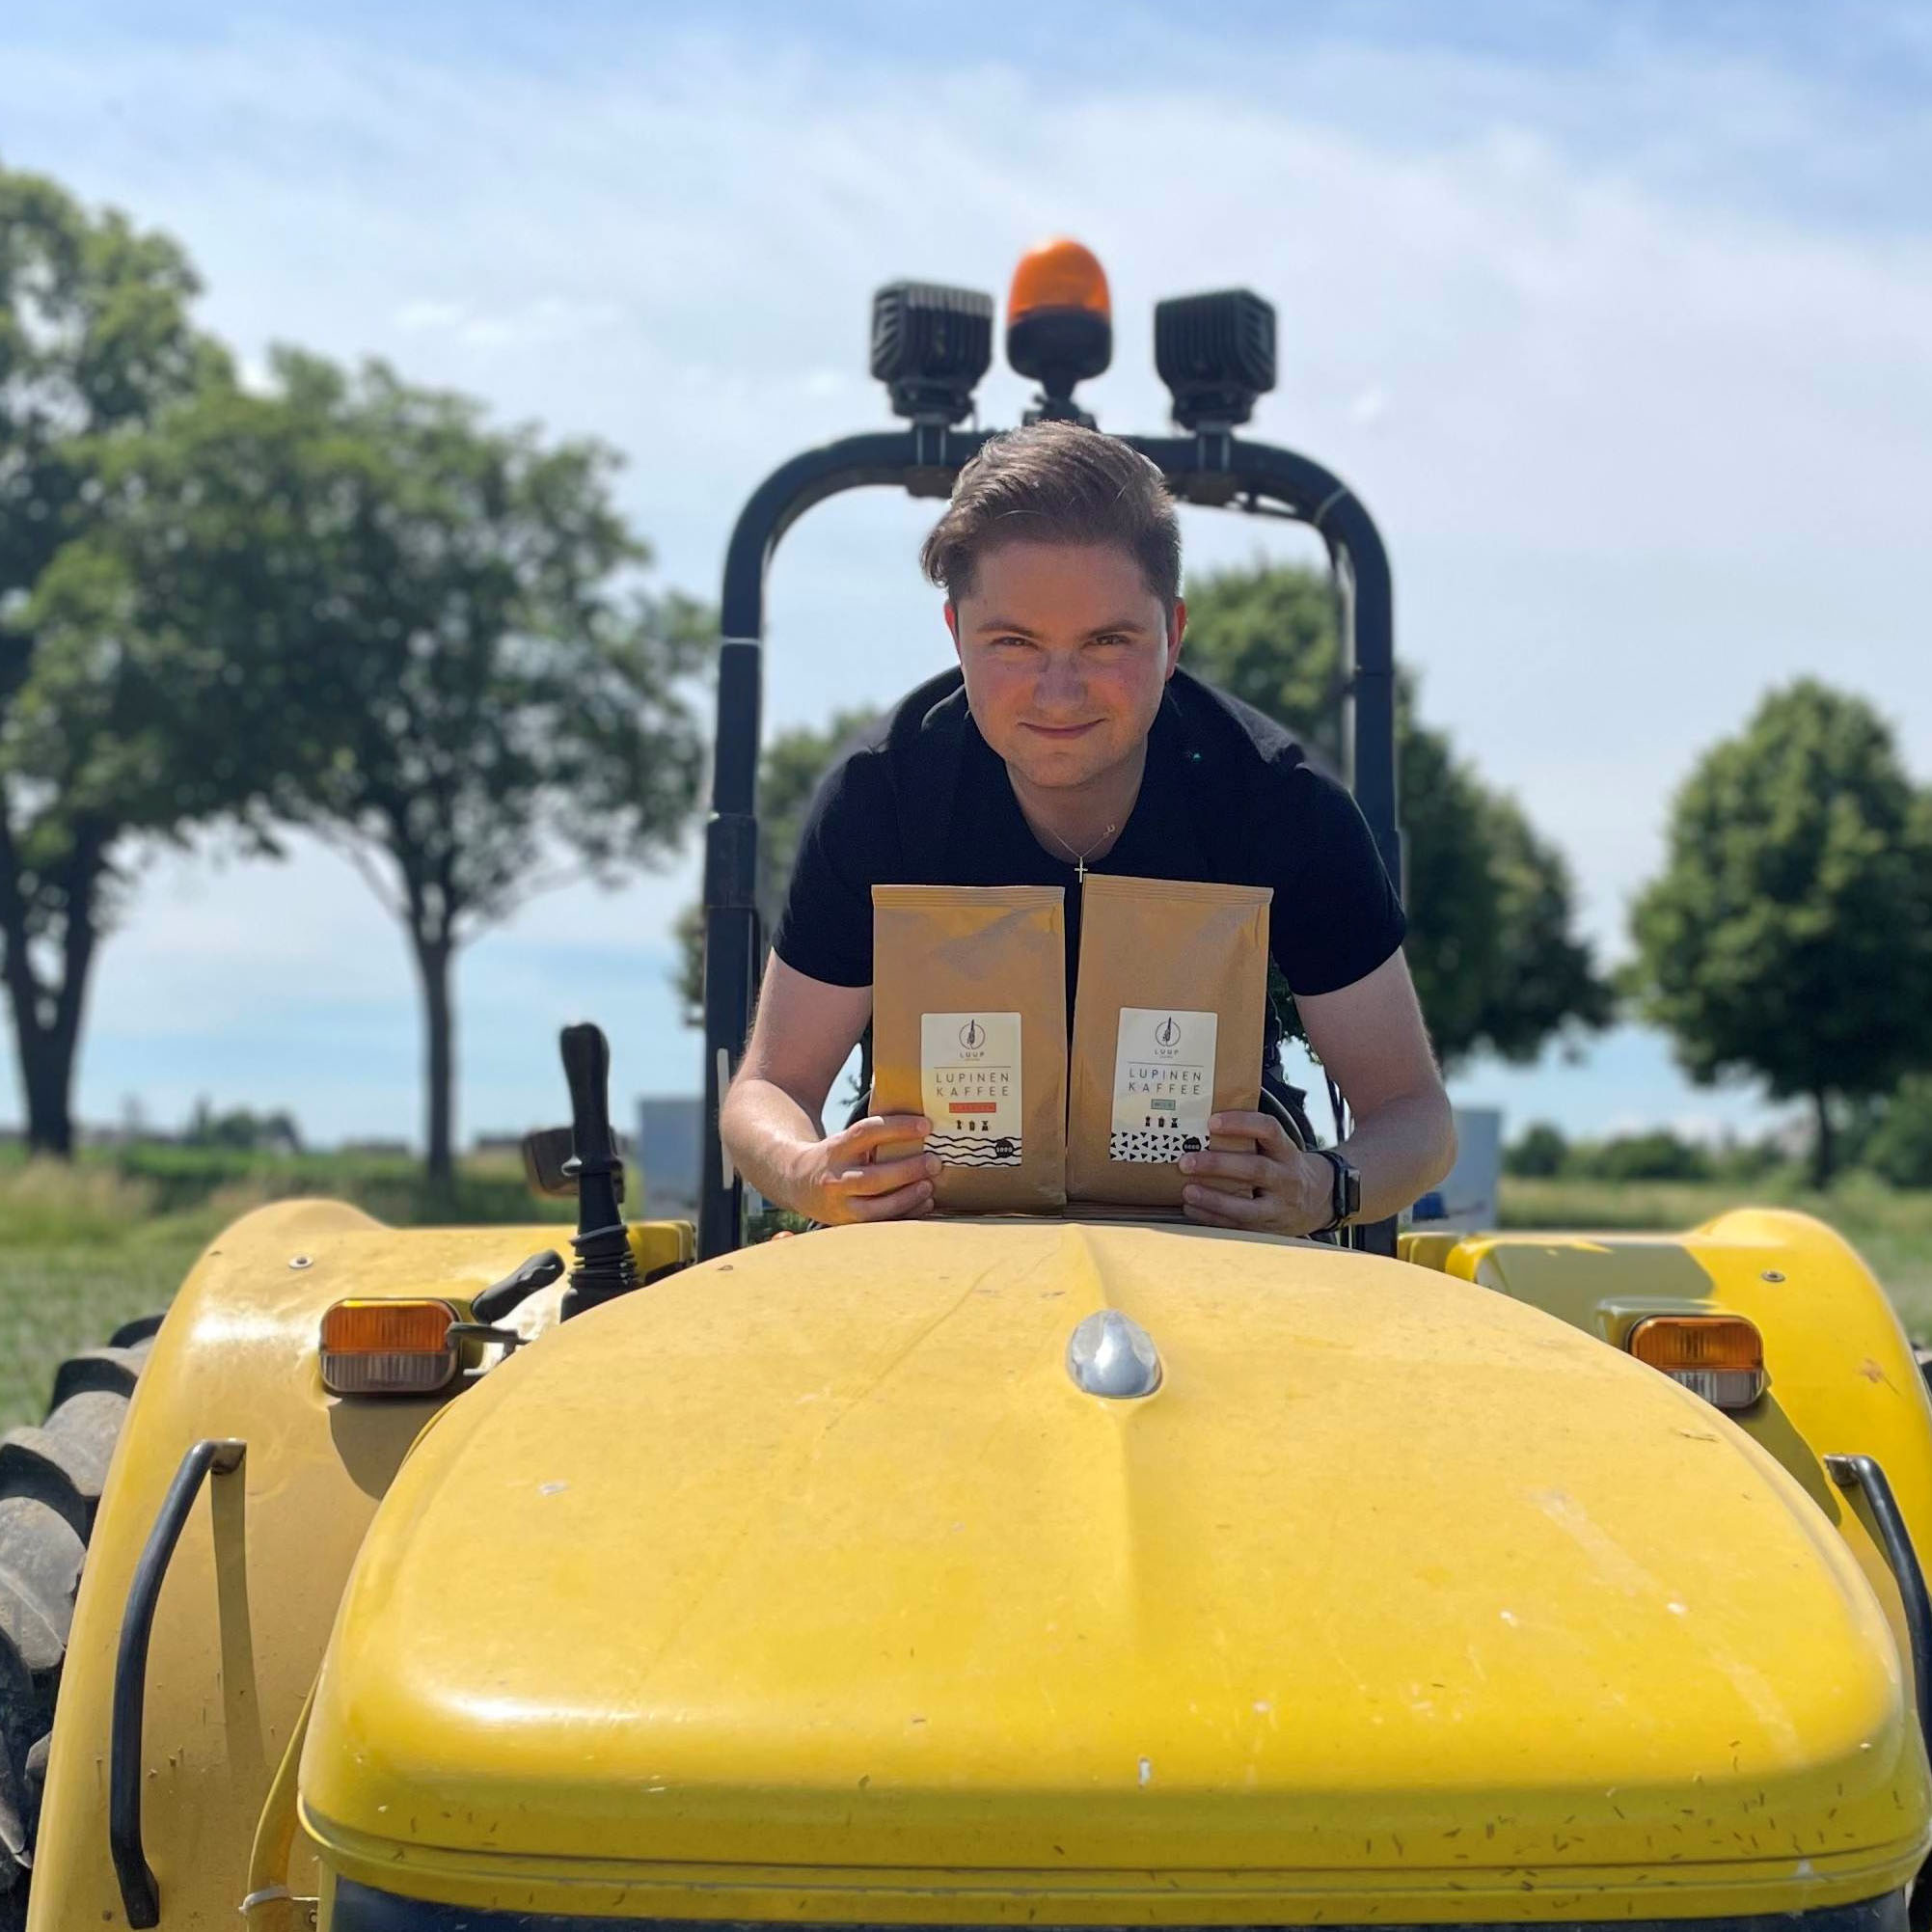 Christian. Founder von Luup Coffee auf Traktor